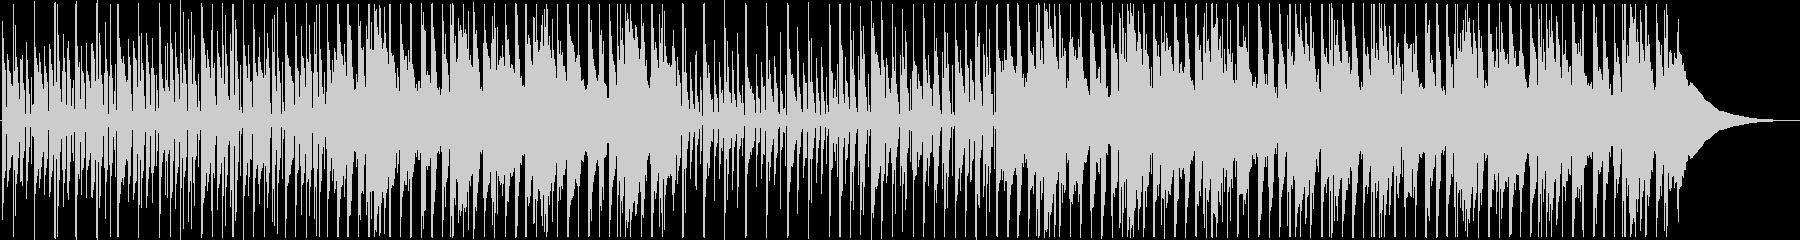 ファンク ビンテージ ベース エレ...の未再生の波形